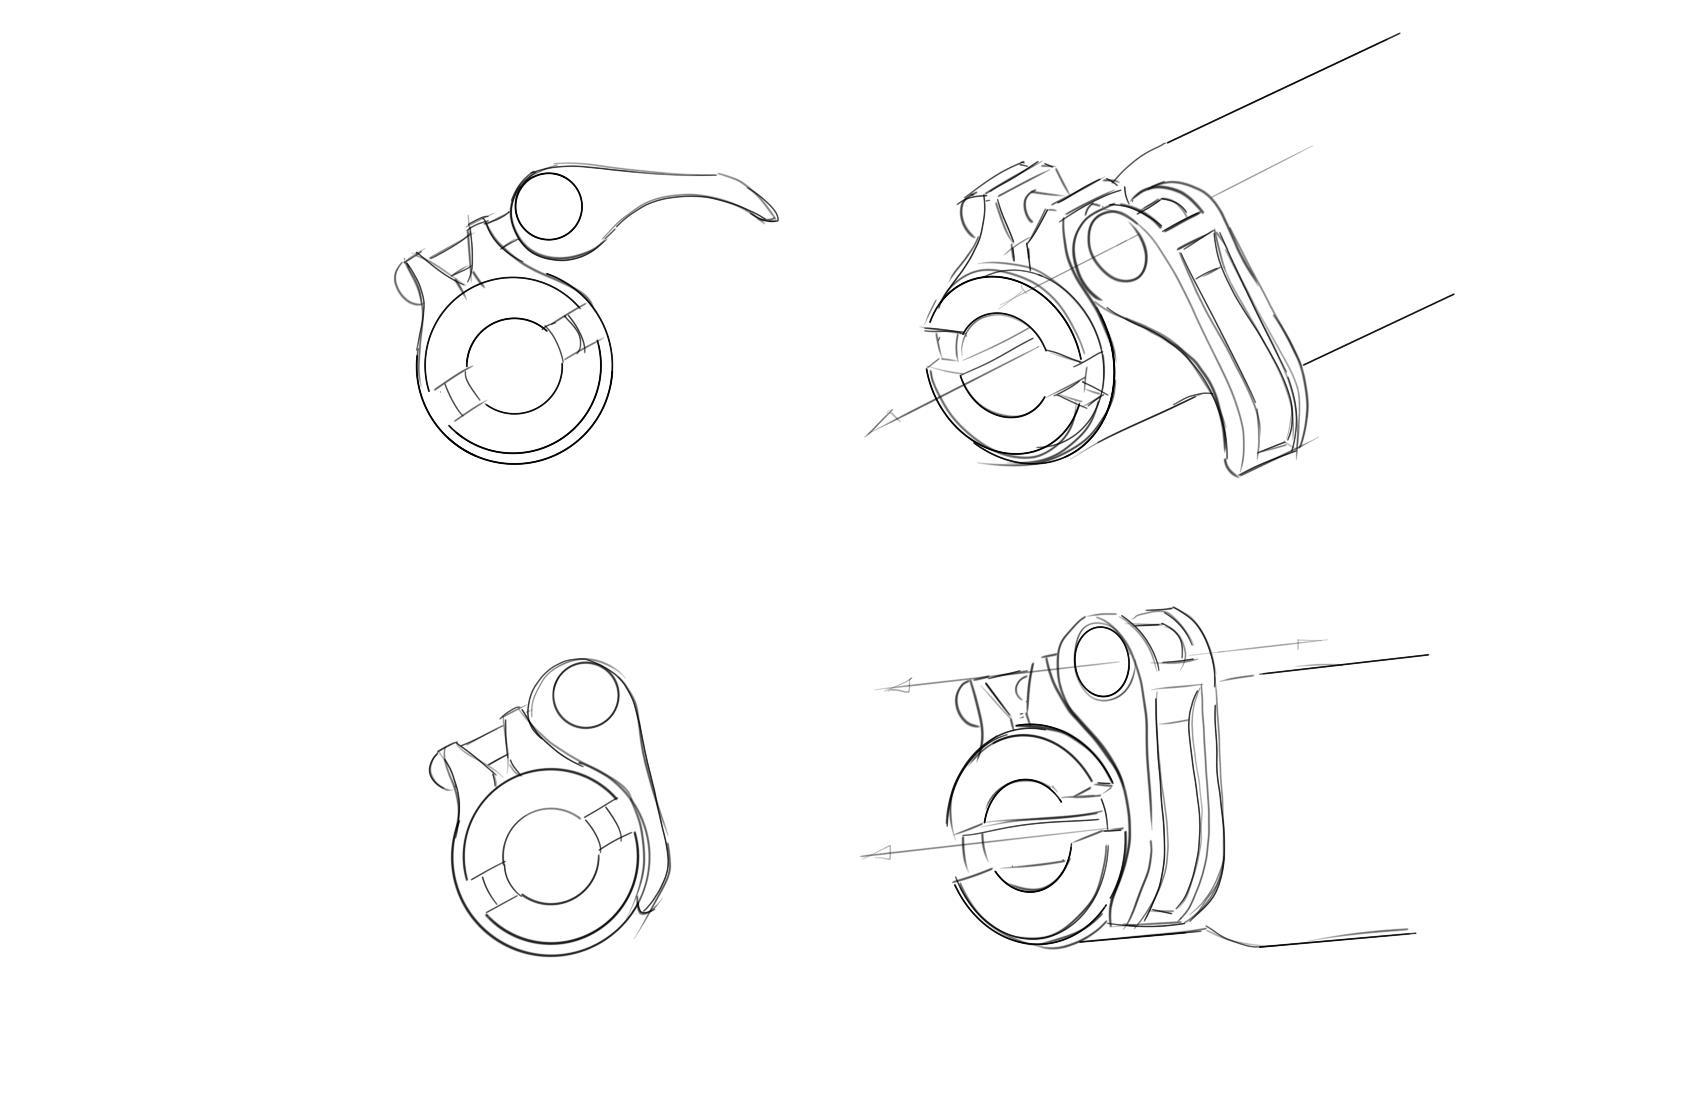 Clamp sketchs2.jpg